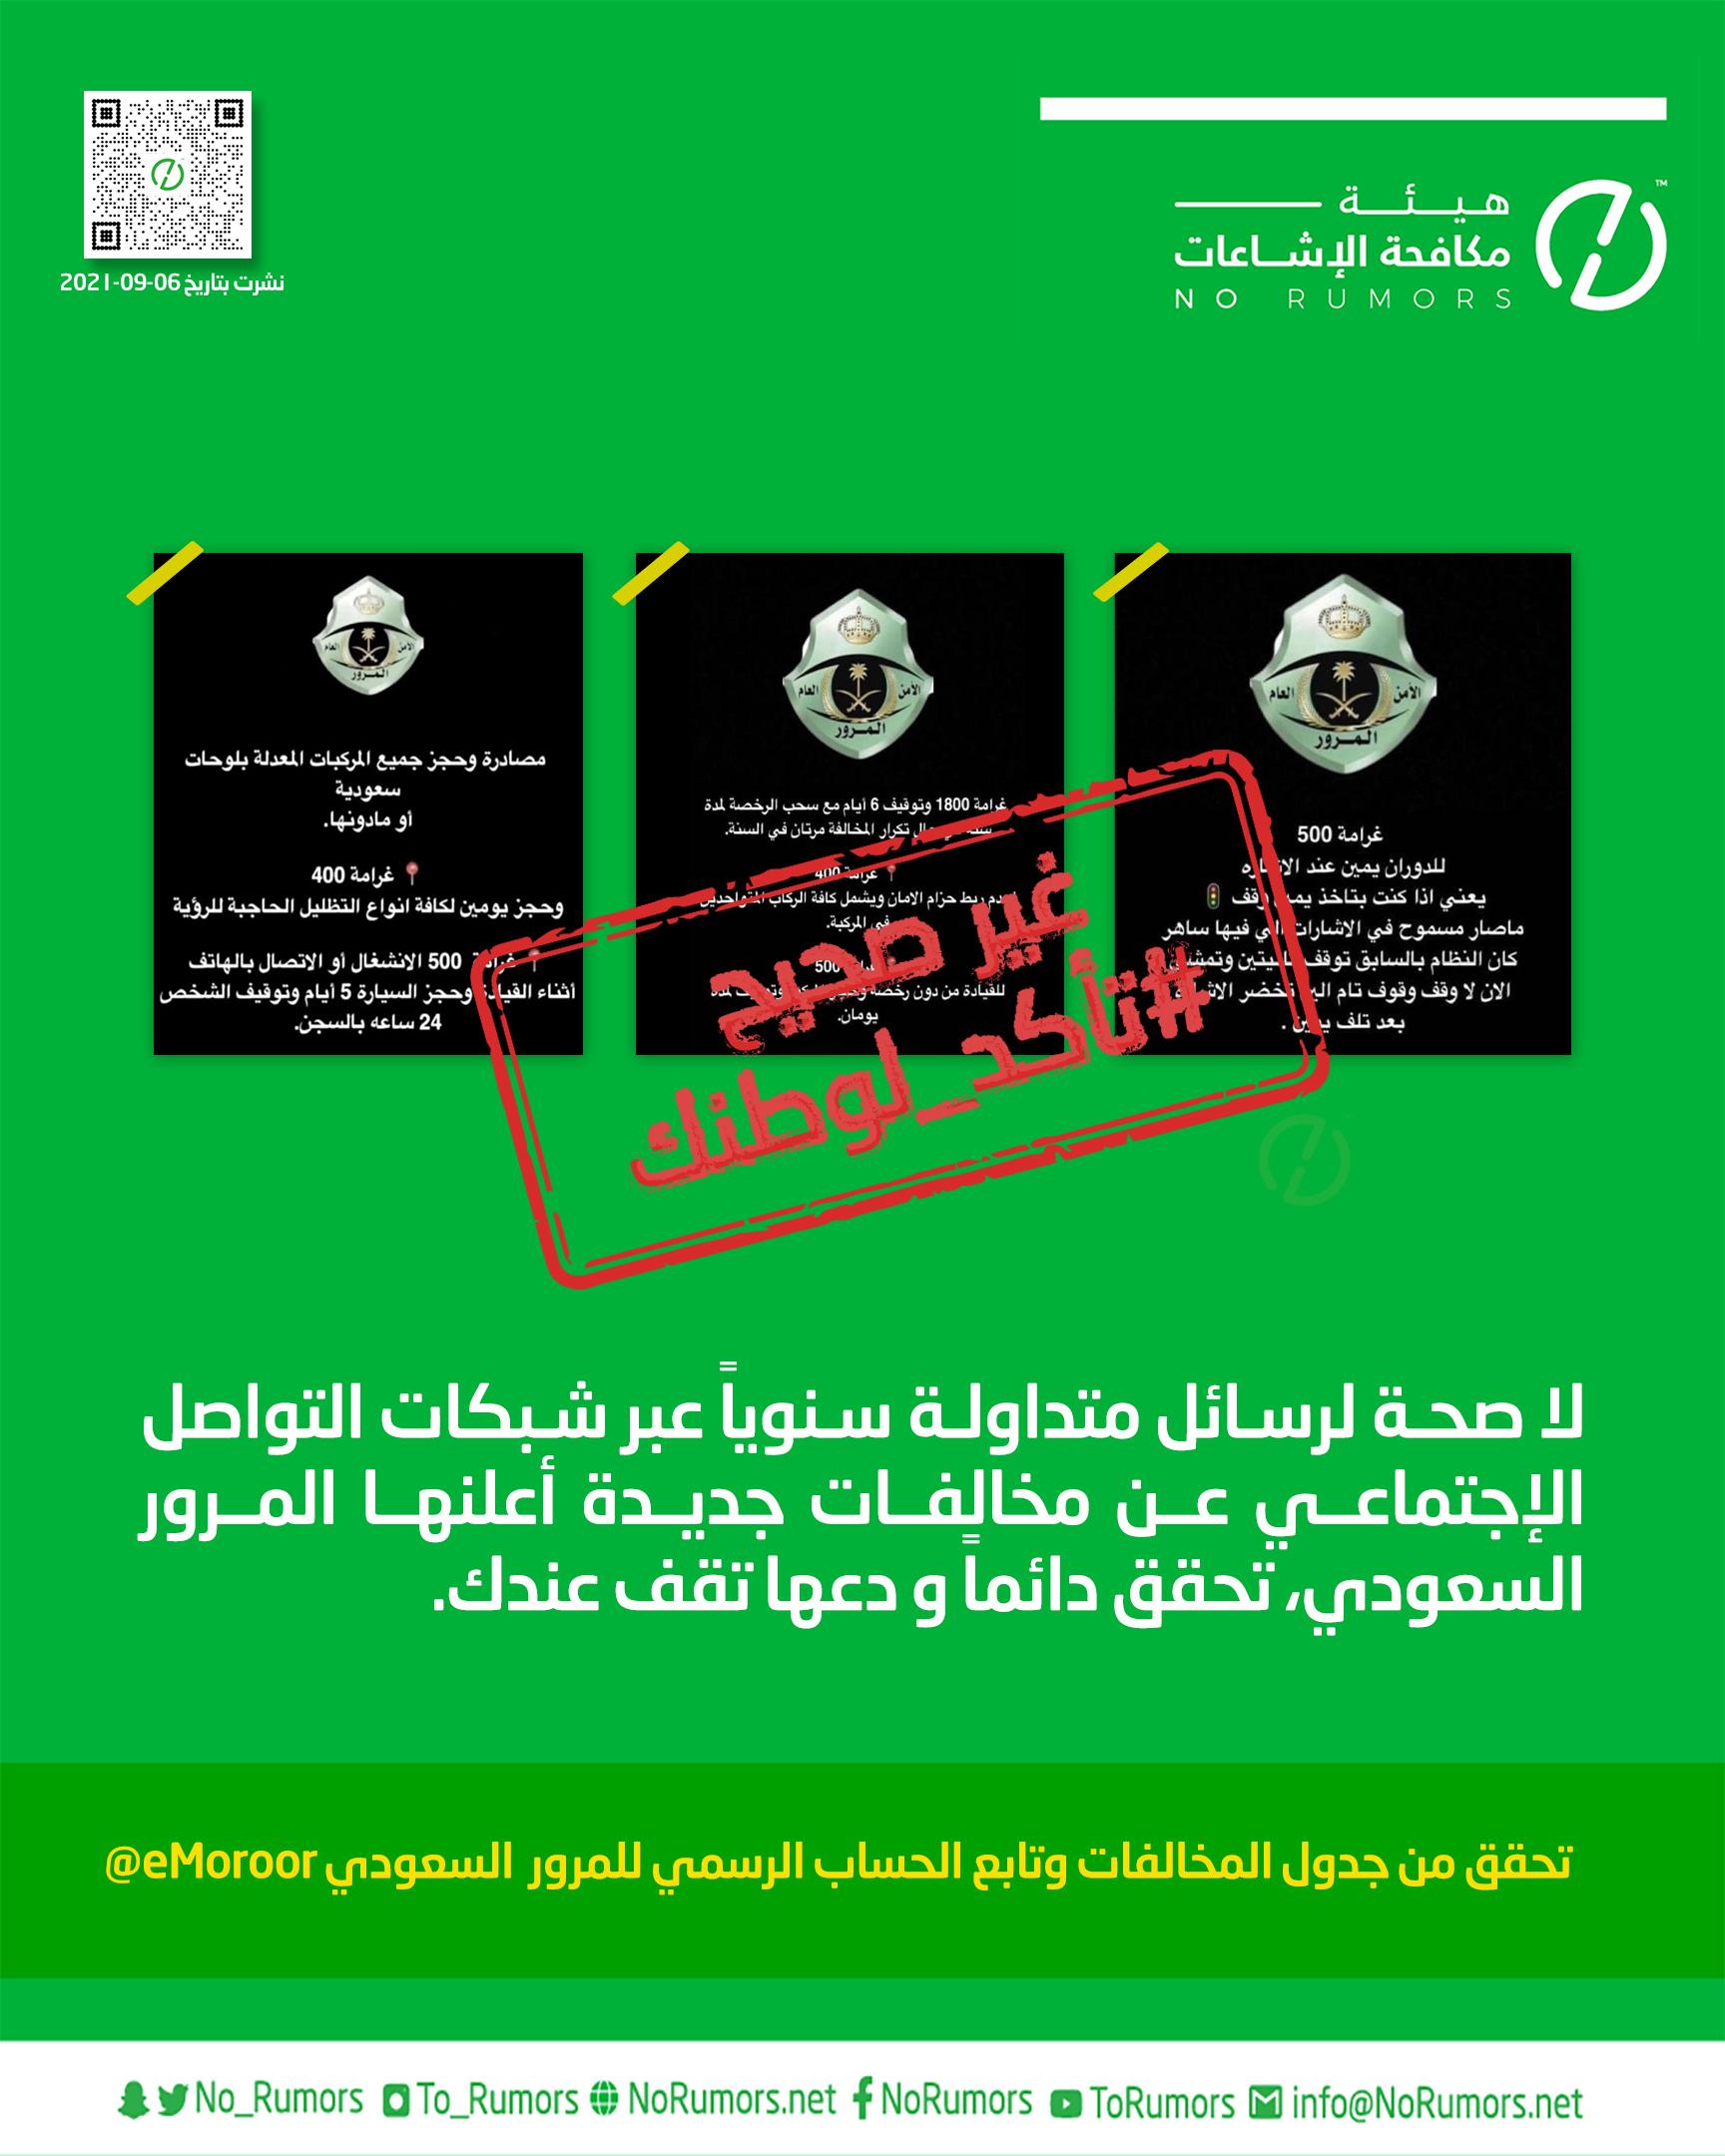 حقيقة الرسائل المتداولة سنوياً عبر شبكات التواصل الإجتماعي عن مخالفات جديدة أعلنها المرور السعودي